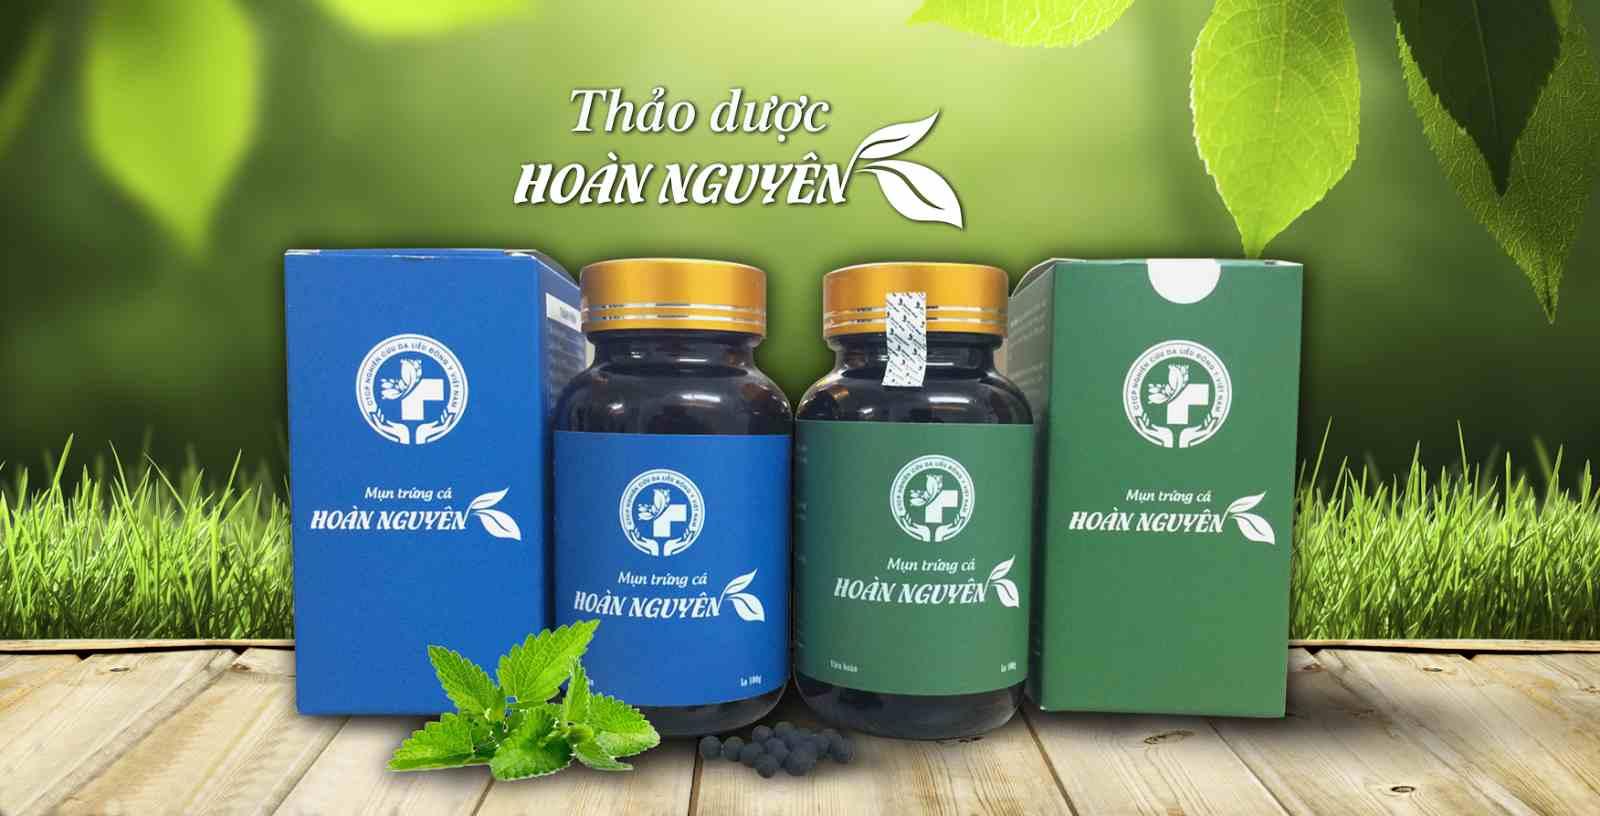 Bộ sản phẩm thảo dược trị mụn trứng cá Hoàn Nguyên